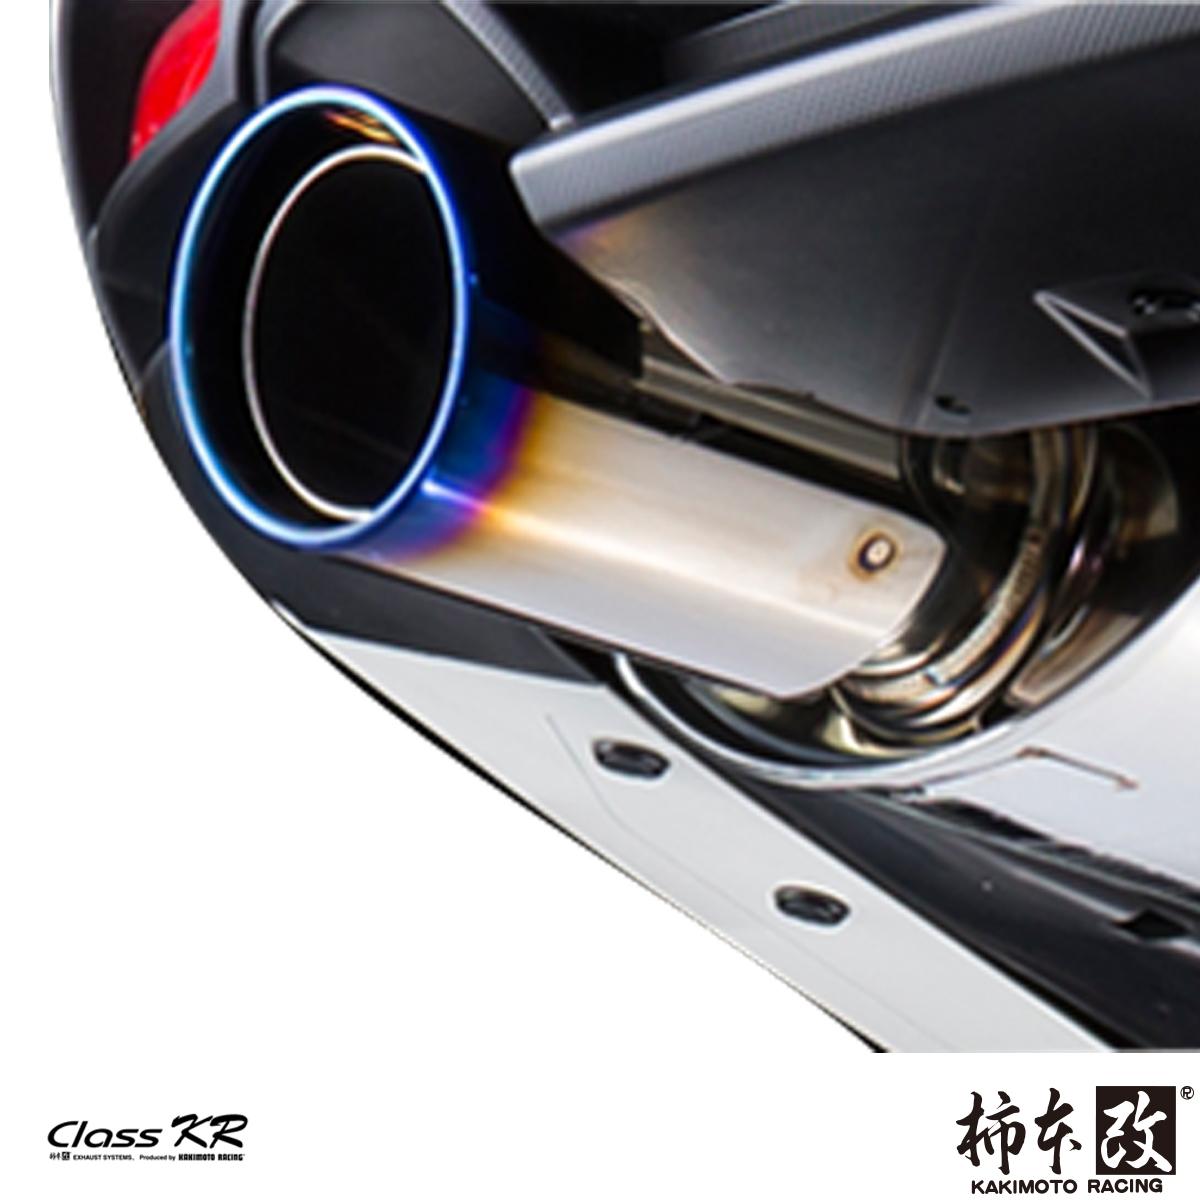 カムリ 柿本 改 通販 激安 マフラー 排気系パーツ DAA-AXVH70 T713162S KAKIMOTO RACING カーショップのみ発送可能 当店は最高な サービスを提供します クラスKR Class KR